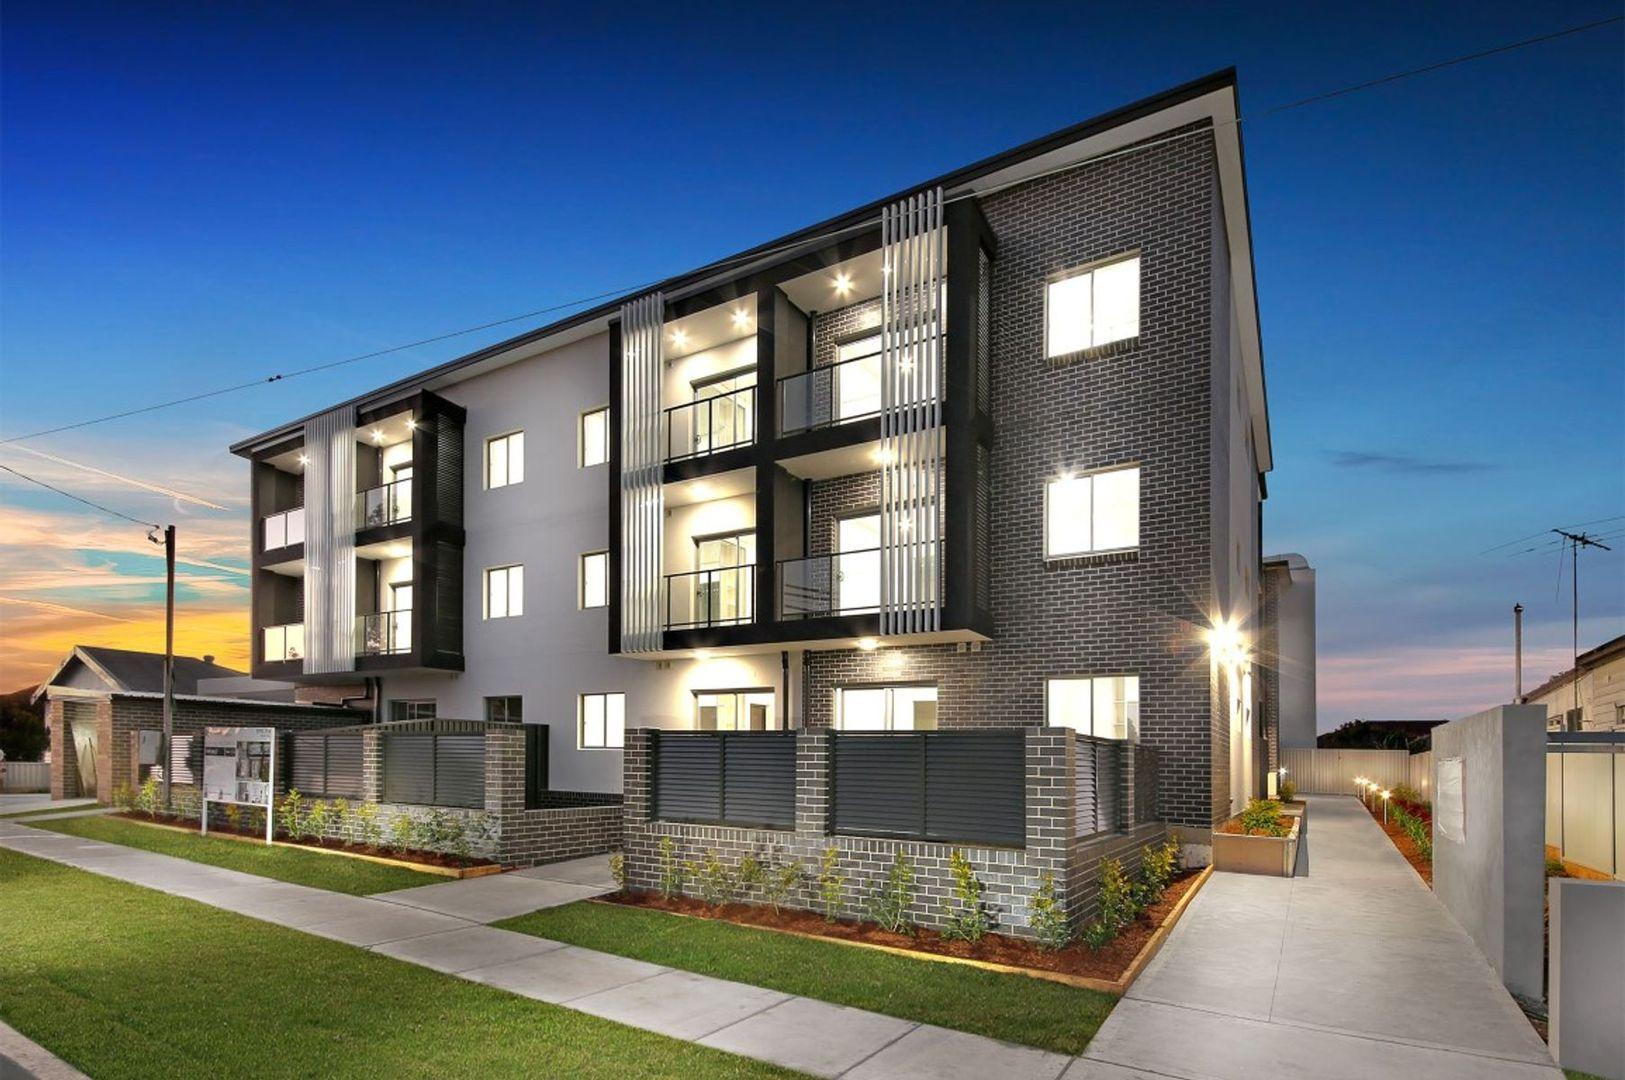 23/5-9 White Avenue, Bankstown NSW 2200, Image 0